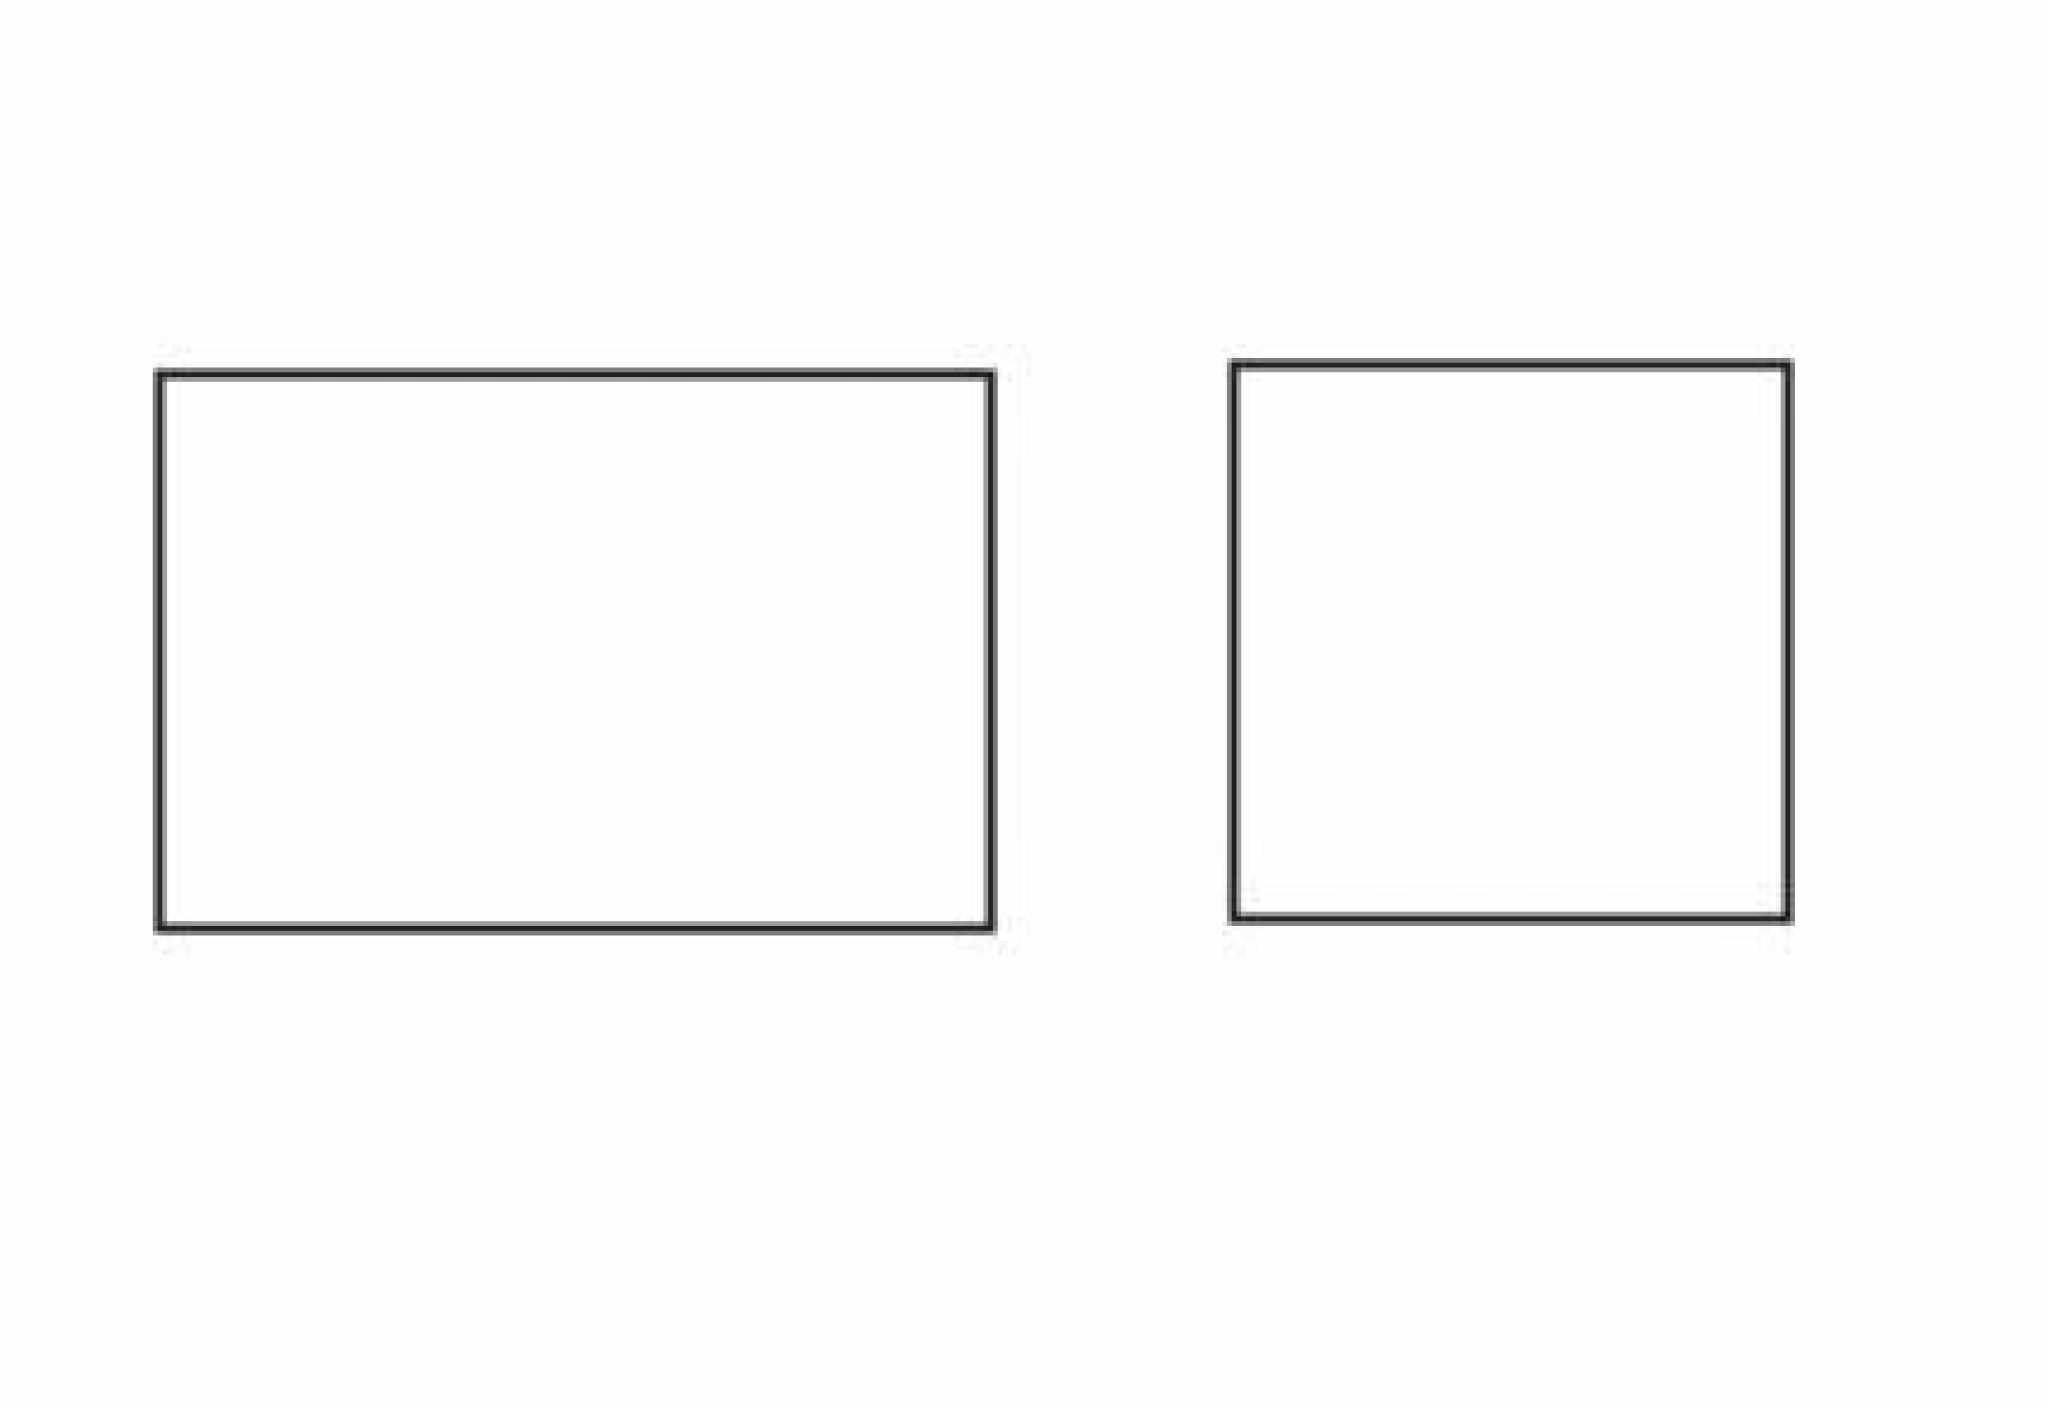 矩形是什么